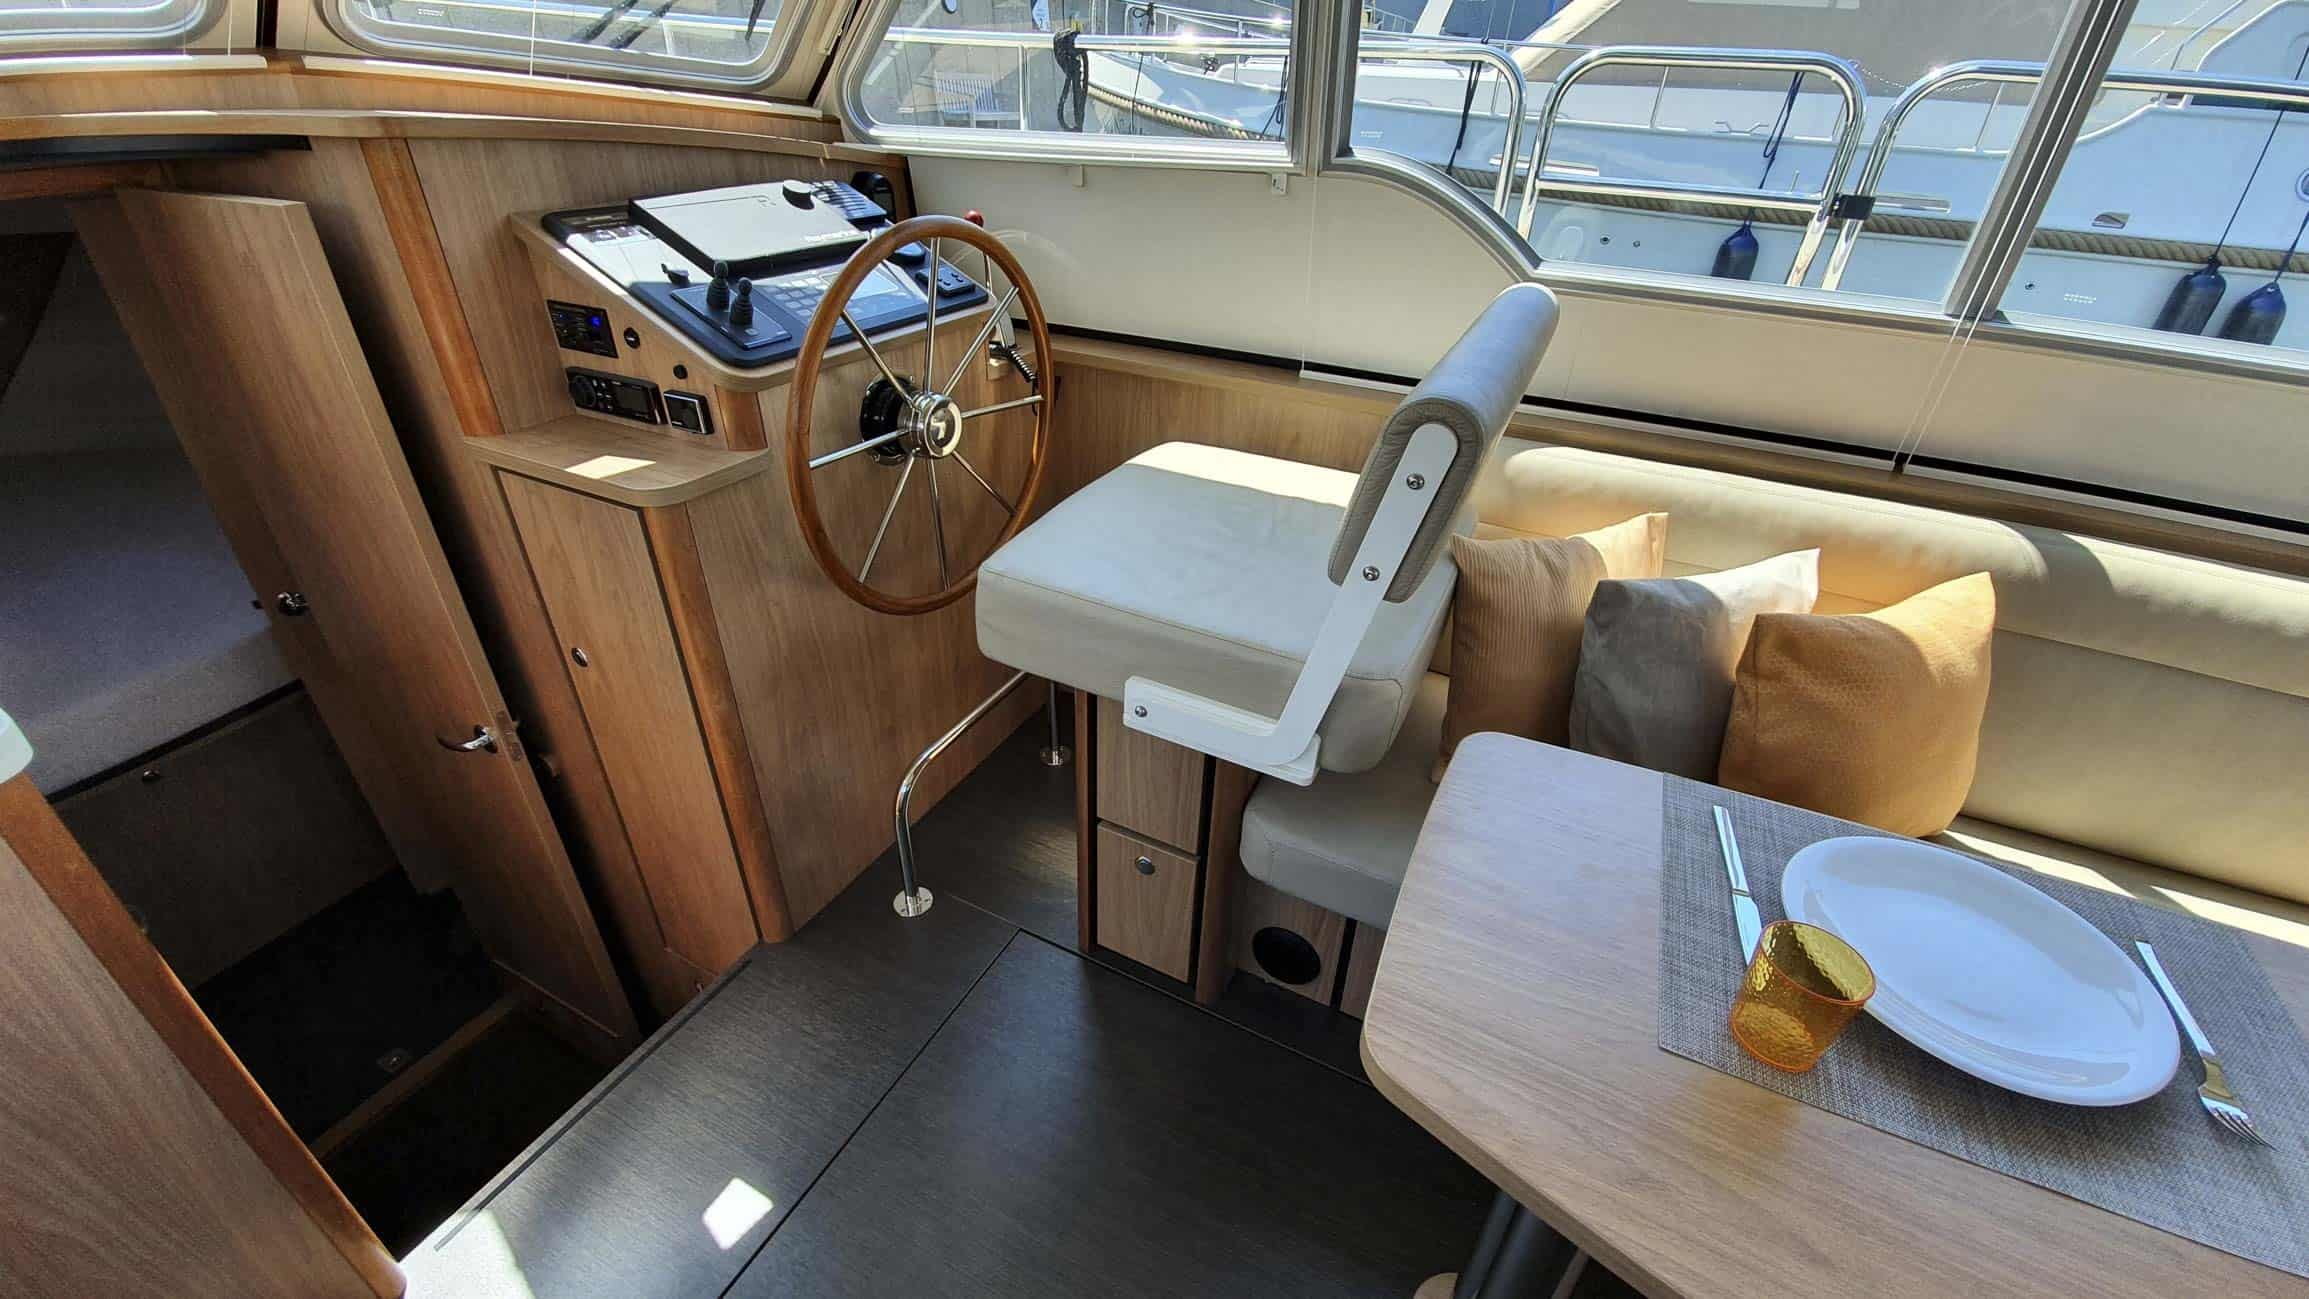 gebrauchte-linssen-grand-sturdy-30-0-sedan-ref3414-0004